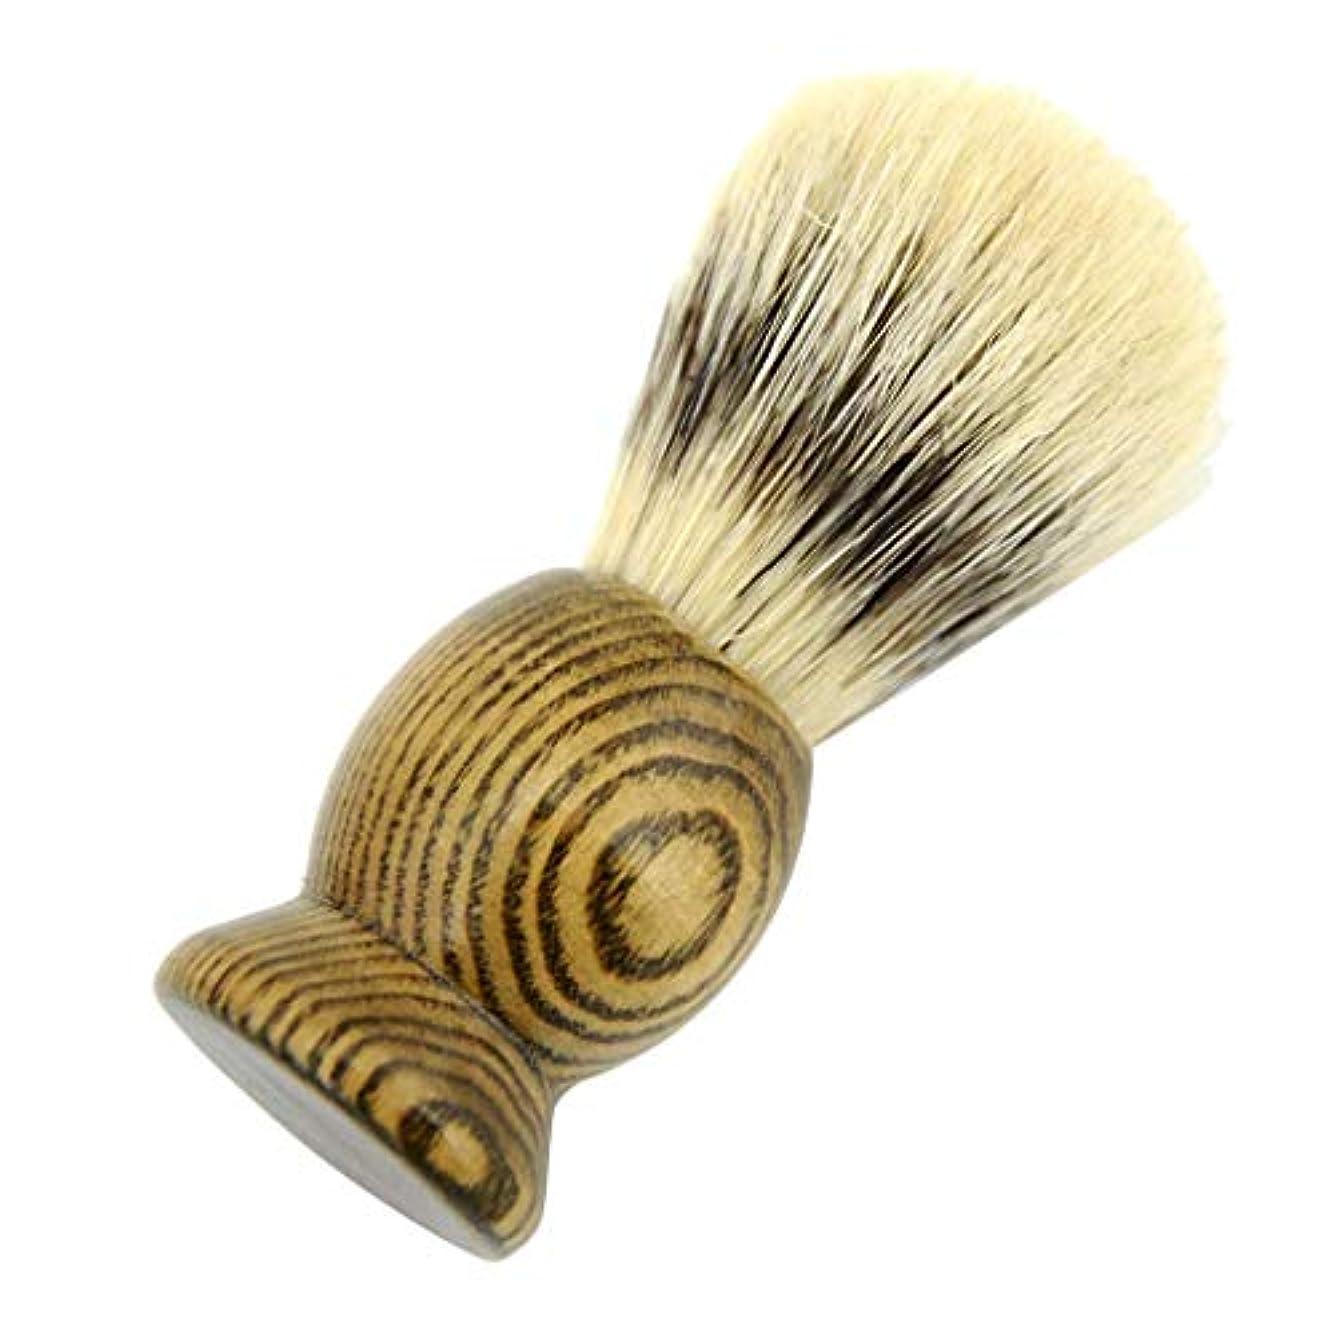 厚さ頬角度sharprepublic ひげブラシ メンズ シェービングブラシ 髭剃り 理容 洗顔 ポータブルひげ剃り美容ツール